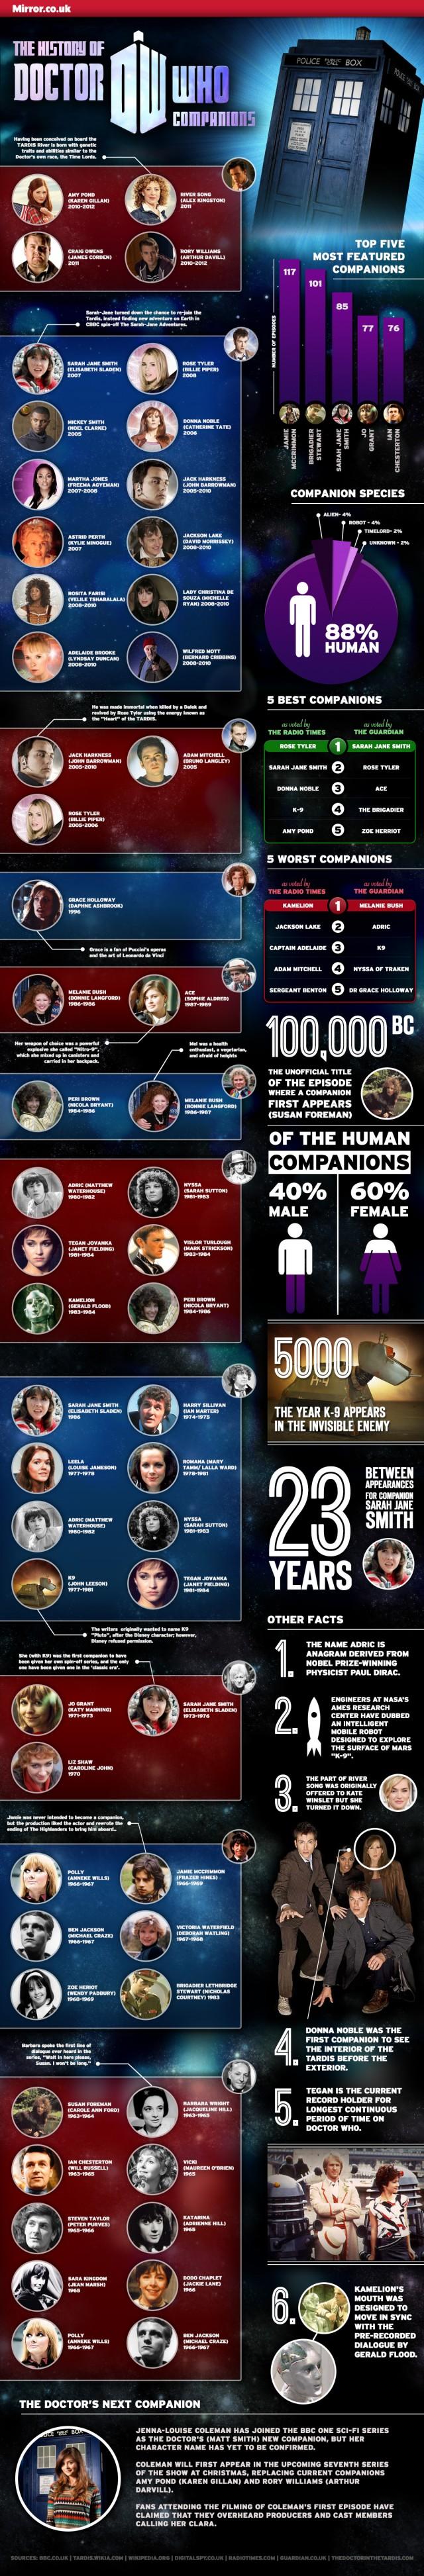 Who companions. I like Rose.